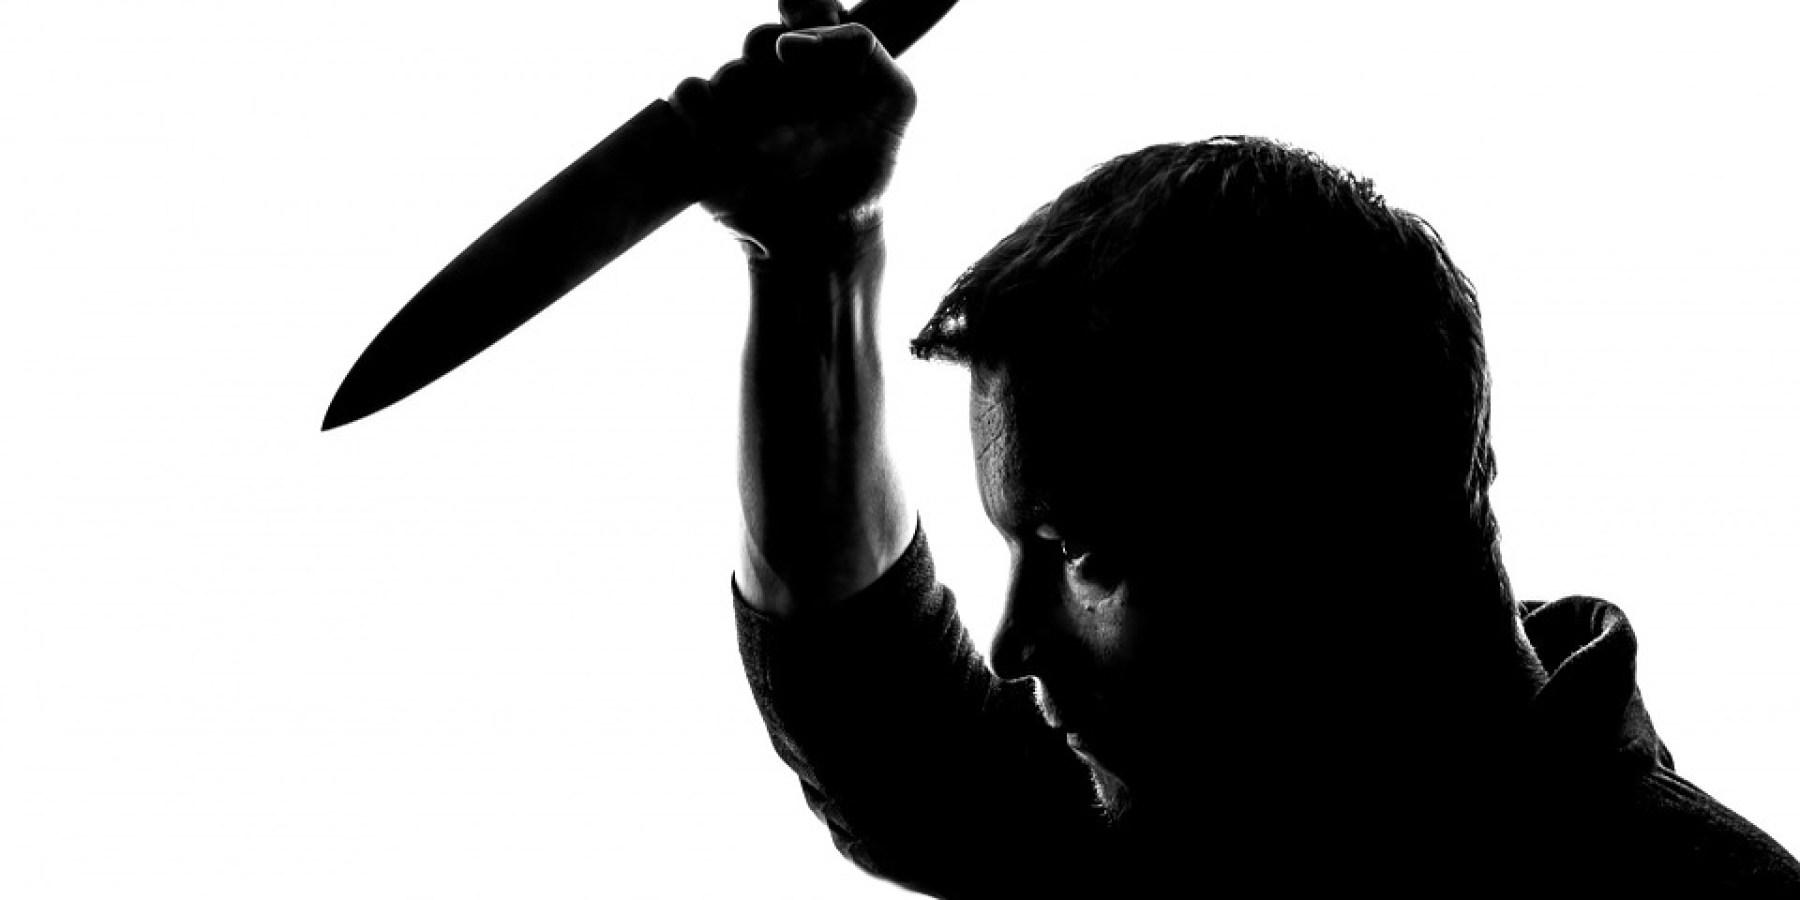 Mordversuch mit Messer in Rheine – Beschuldigte in Untersuchungshaft